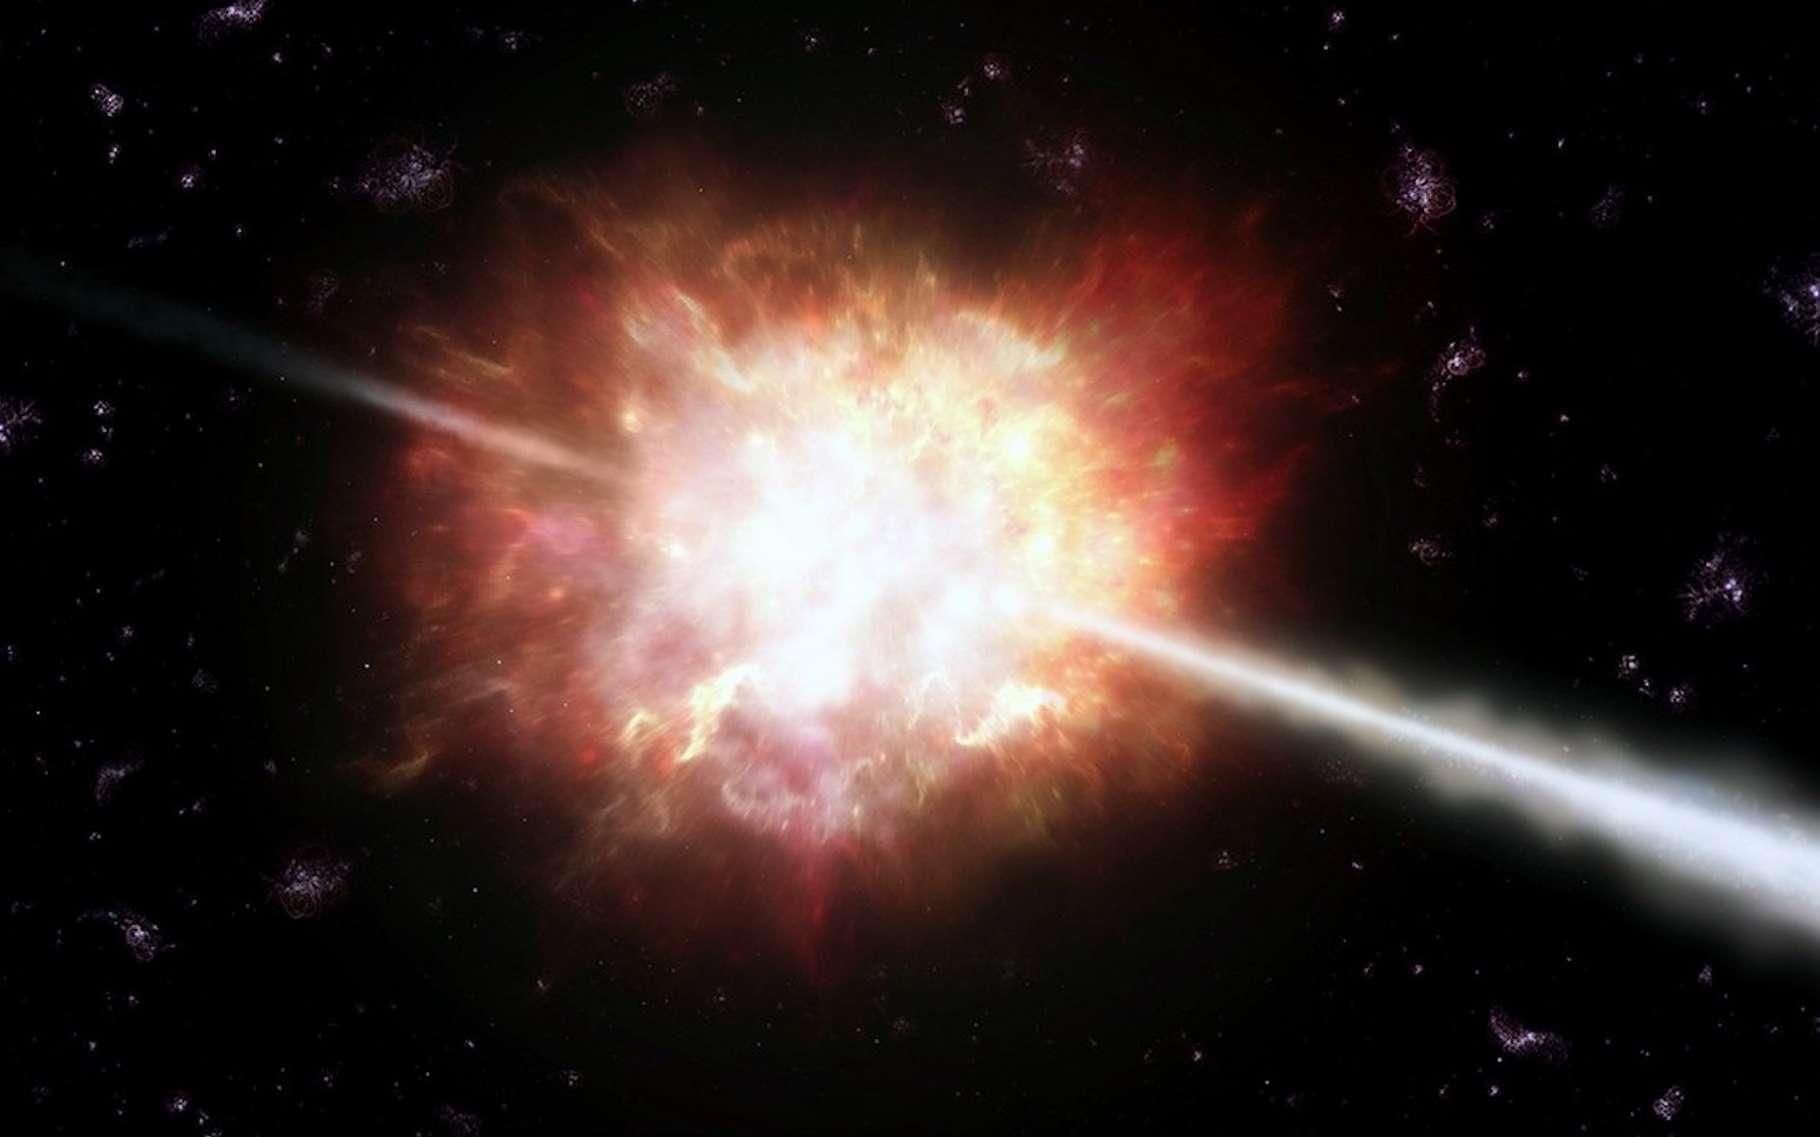 Lorsqu'une étoile massive s'effondre, il se produit ce que les astronomes appellent un sursaut gamma — ici en vue d'artiste. © A. Roquette, ESO